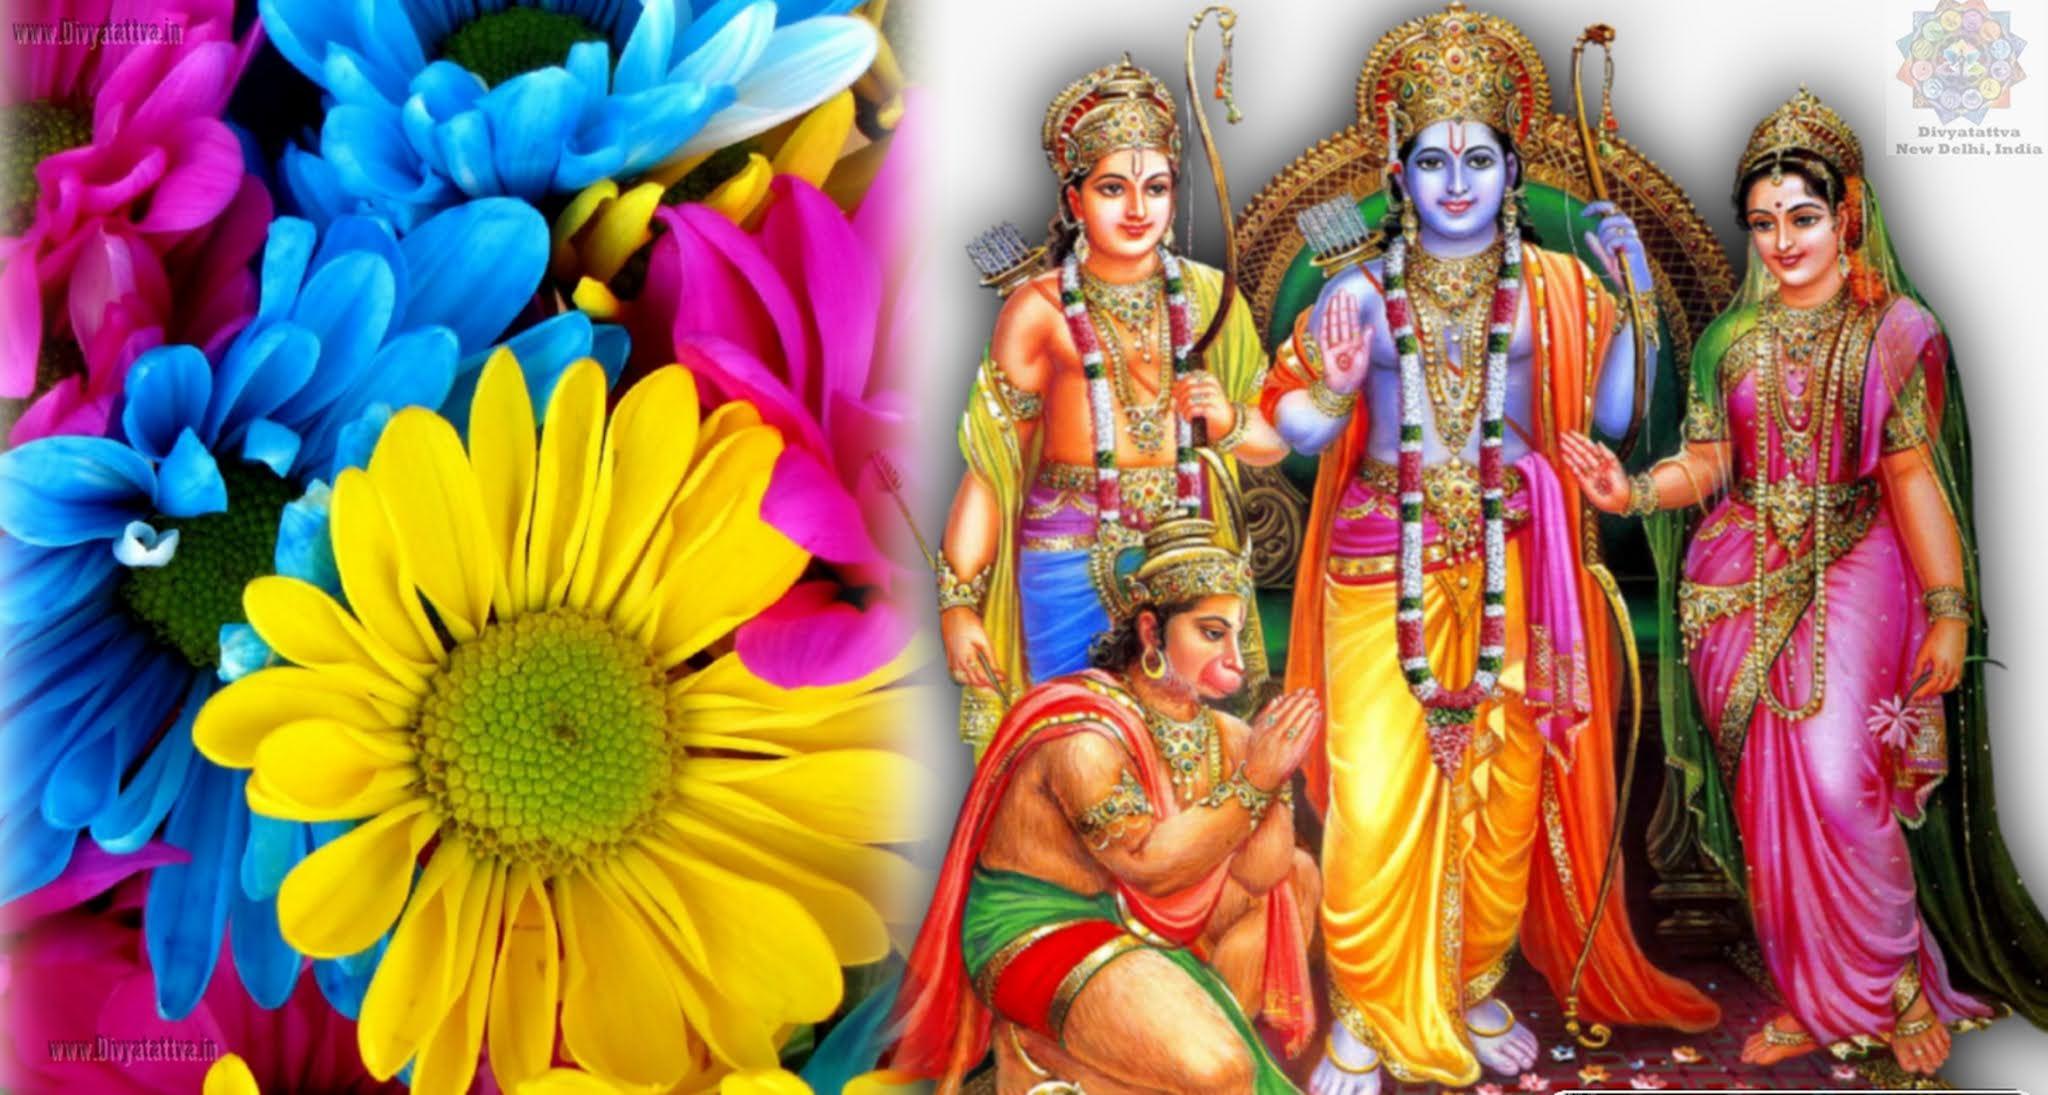 Hindu god Rama Sita Wallpaper 4K HD widescreen, Hindu Gods, Rama Sita Hanuman Images, Ram Bhagwan jai shree ram images  sri rama navami pictures, shri ram photos, lakshman